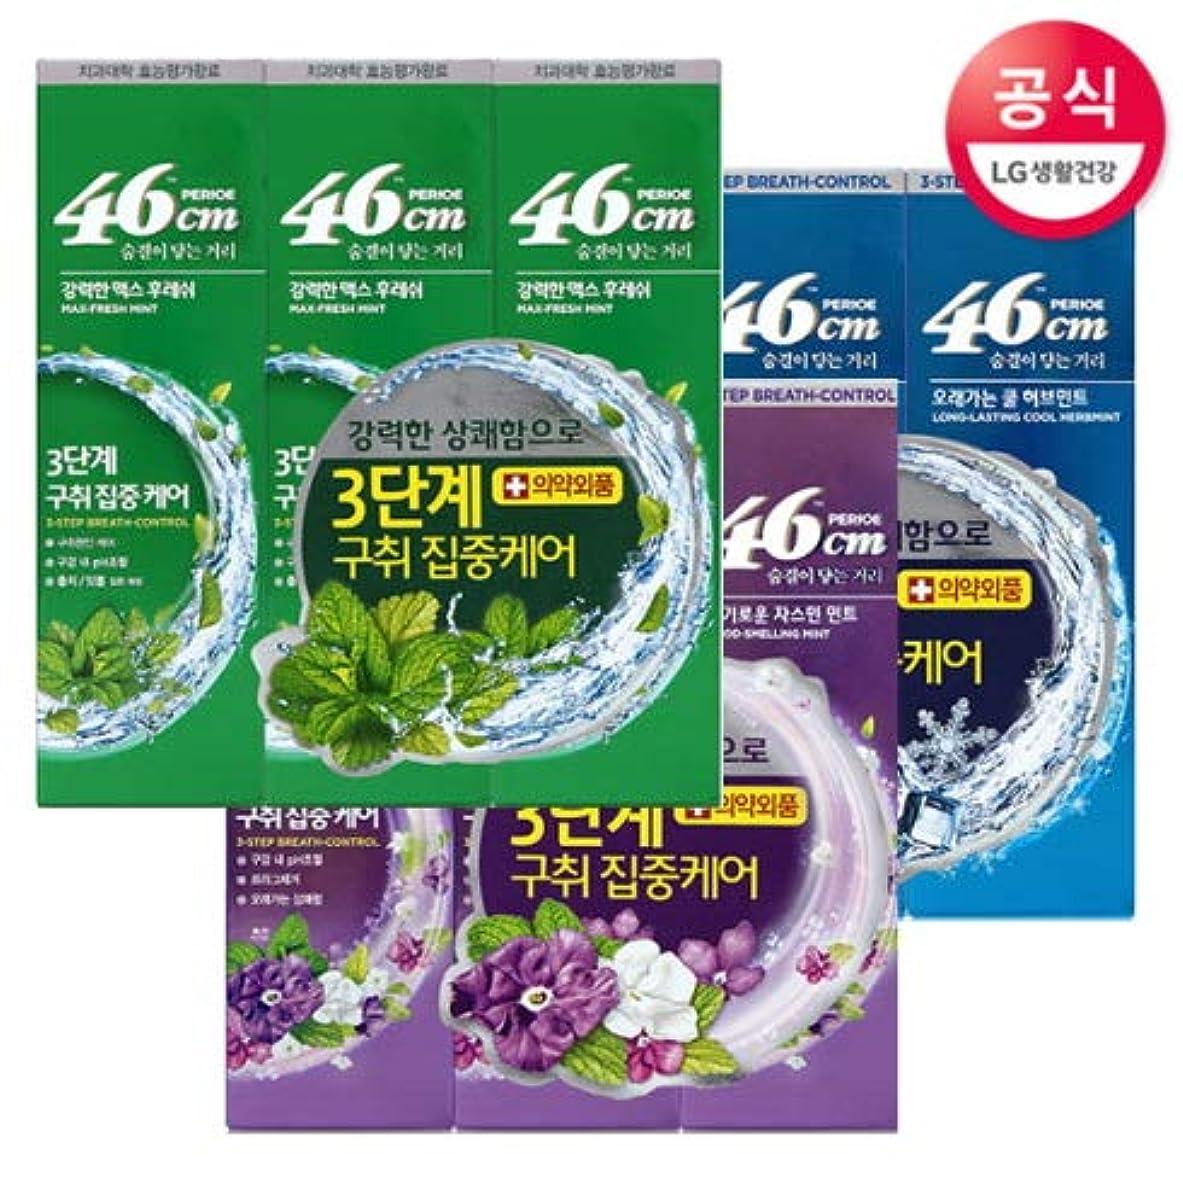 着服代わりの航海[LG HnB] Perio 46cm toothpaste /ペリオ46cm歯磨き粉 100gx9個(海外直送品)